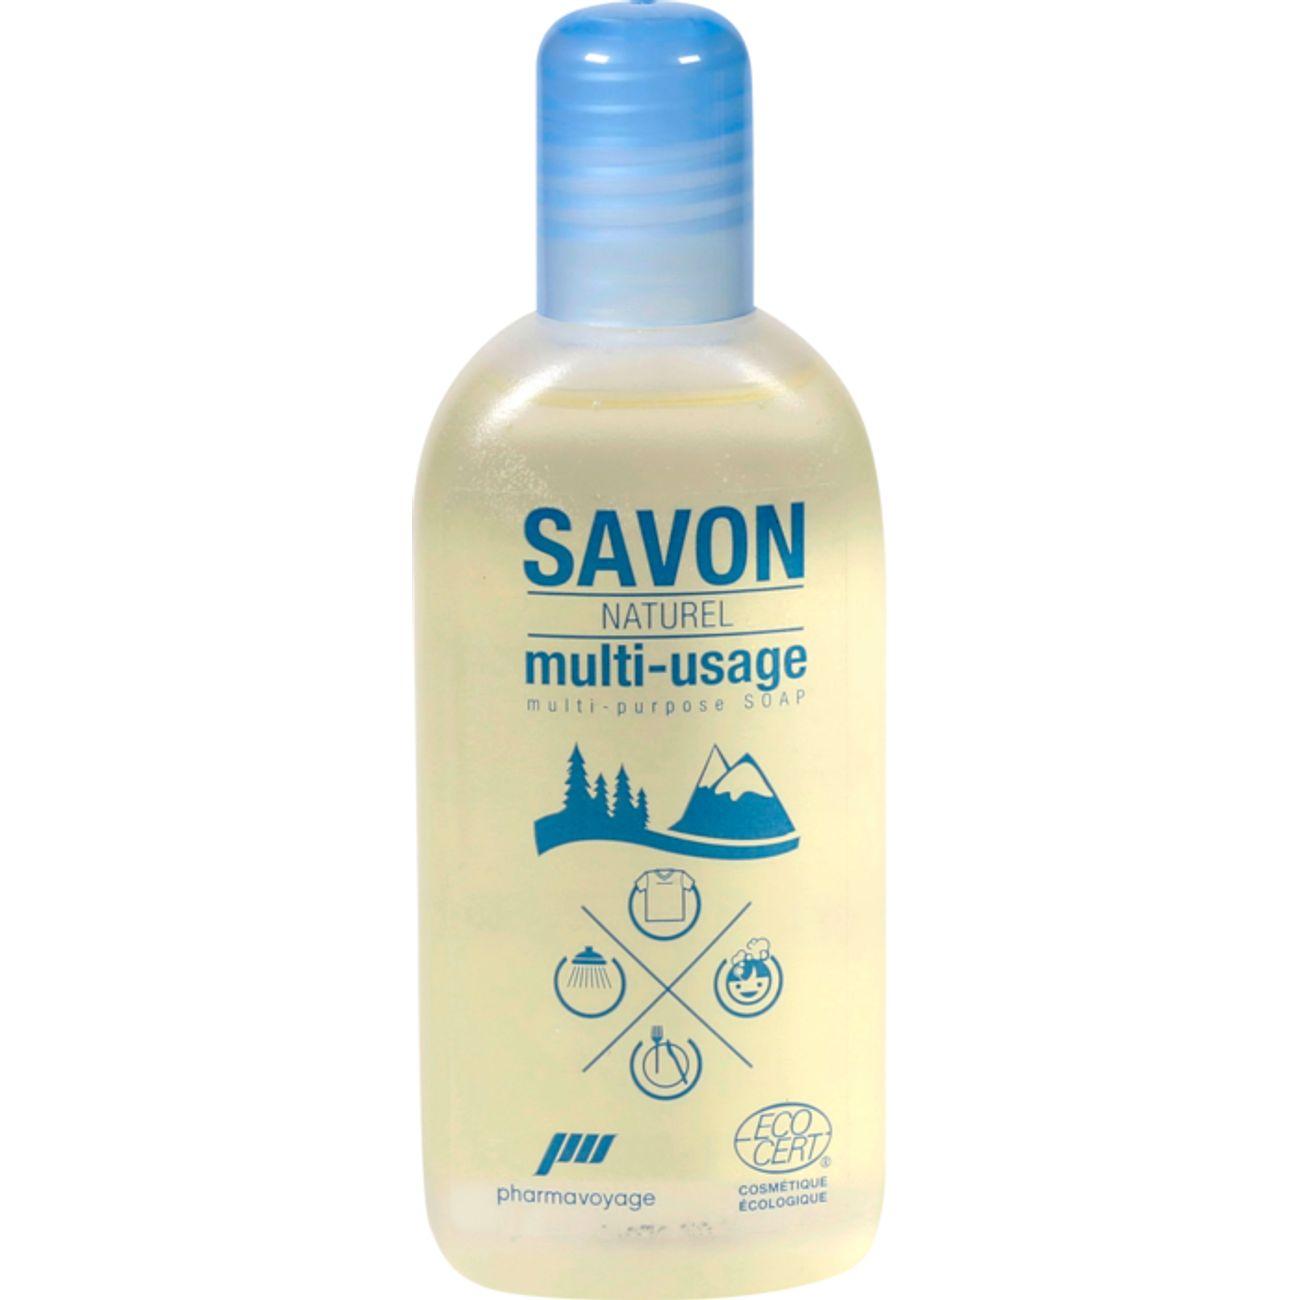 100 savon liquide recharge achat vente liquide vaisselle mains savon noir briochin. Black Bedroom Furniture Sets. Home Design Ideas